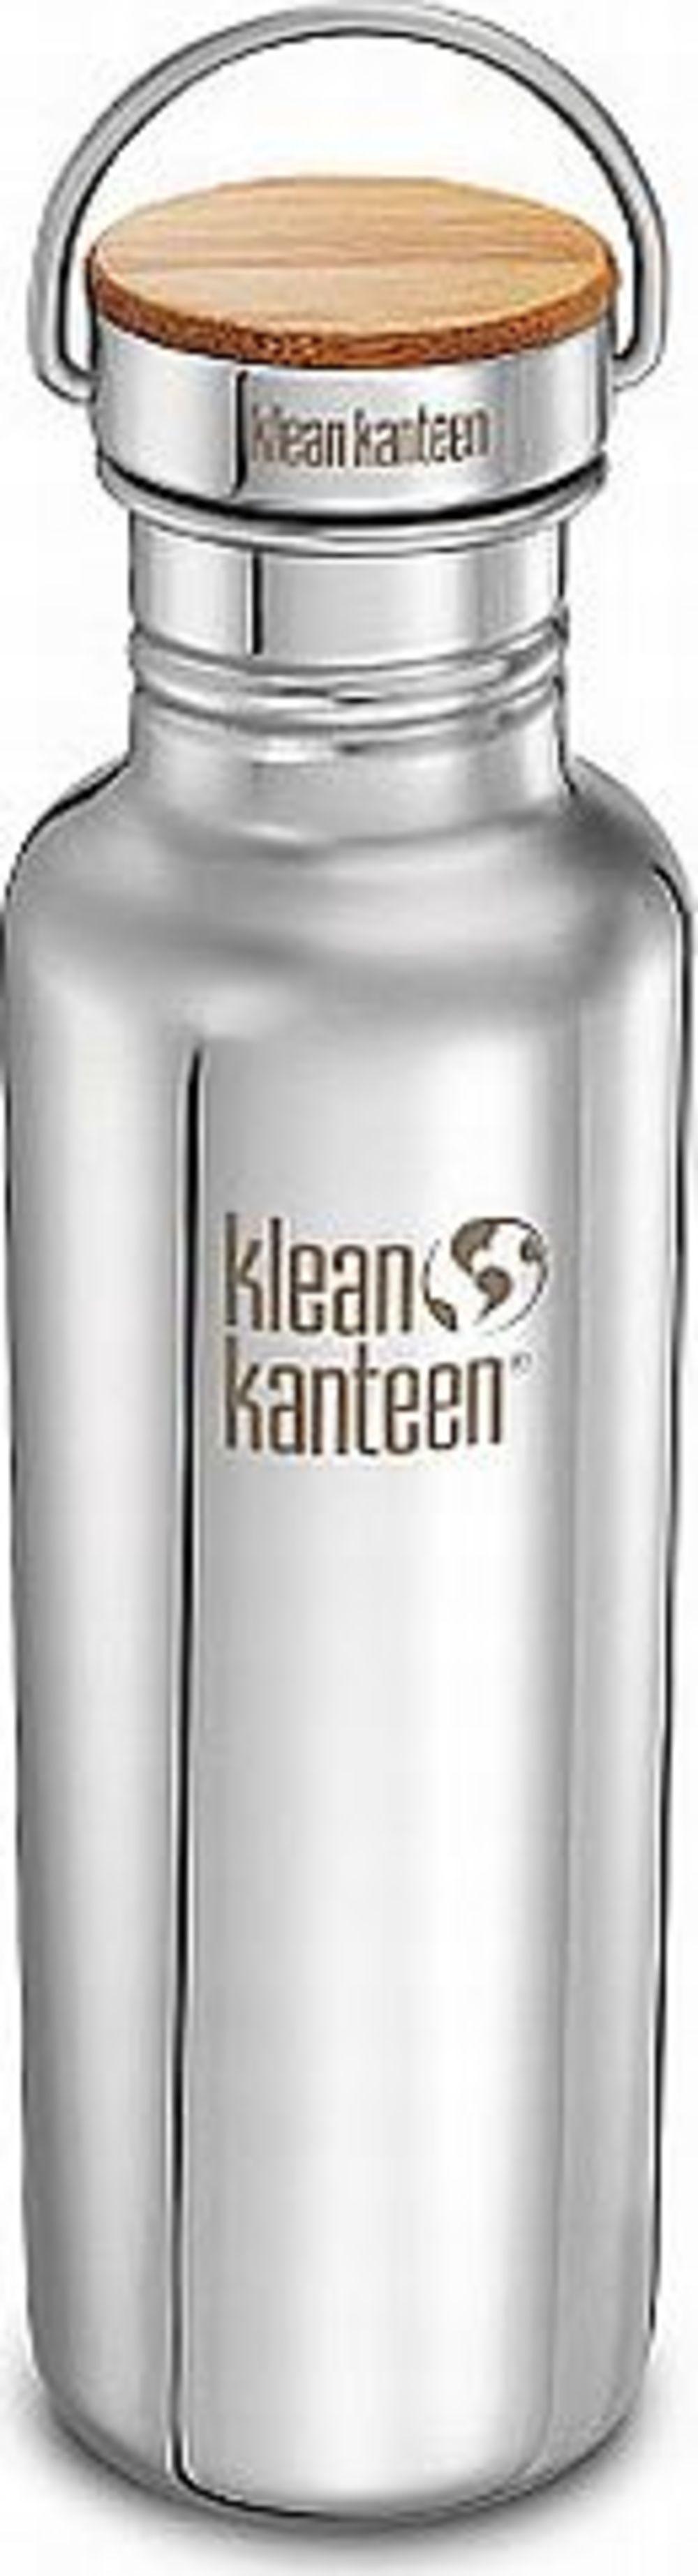 Klean Kanteen Reflect Kanteen